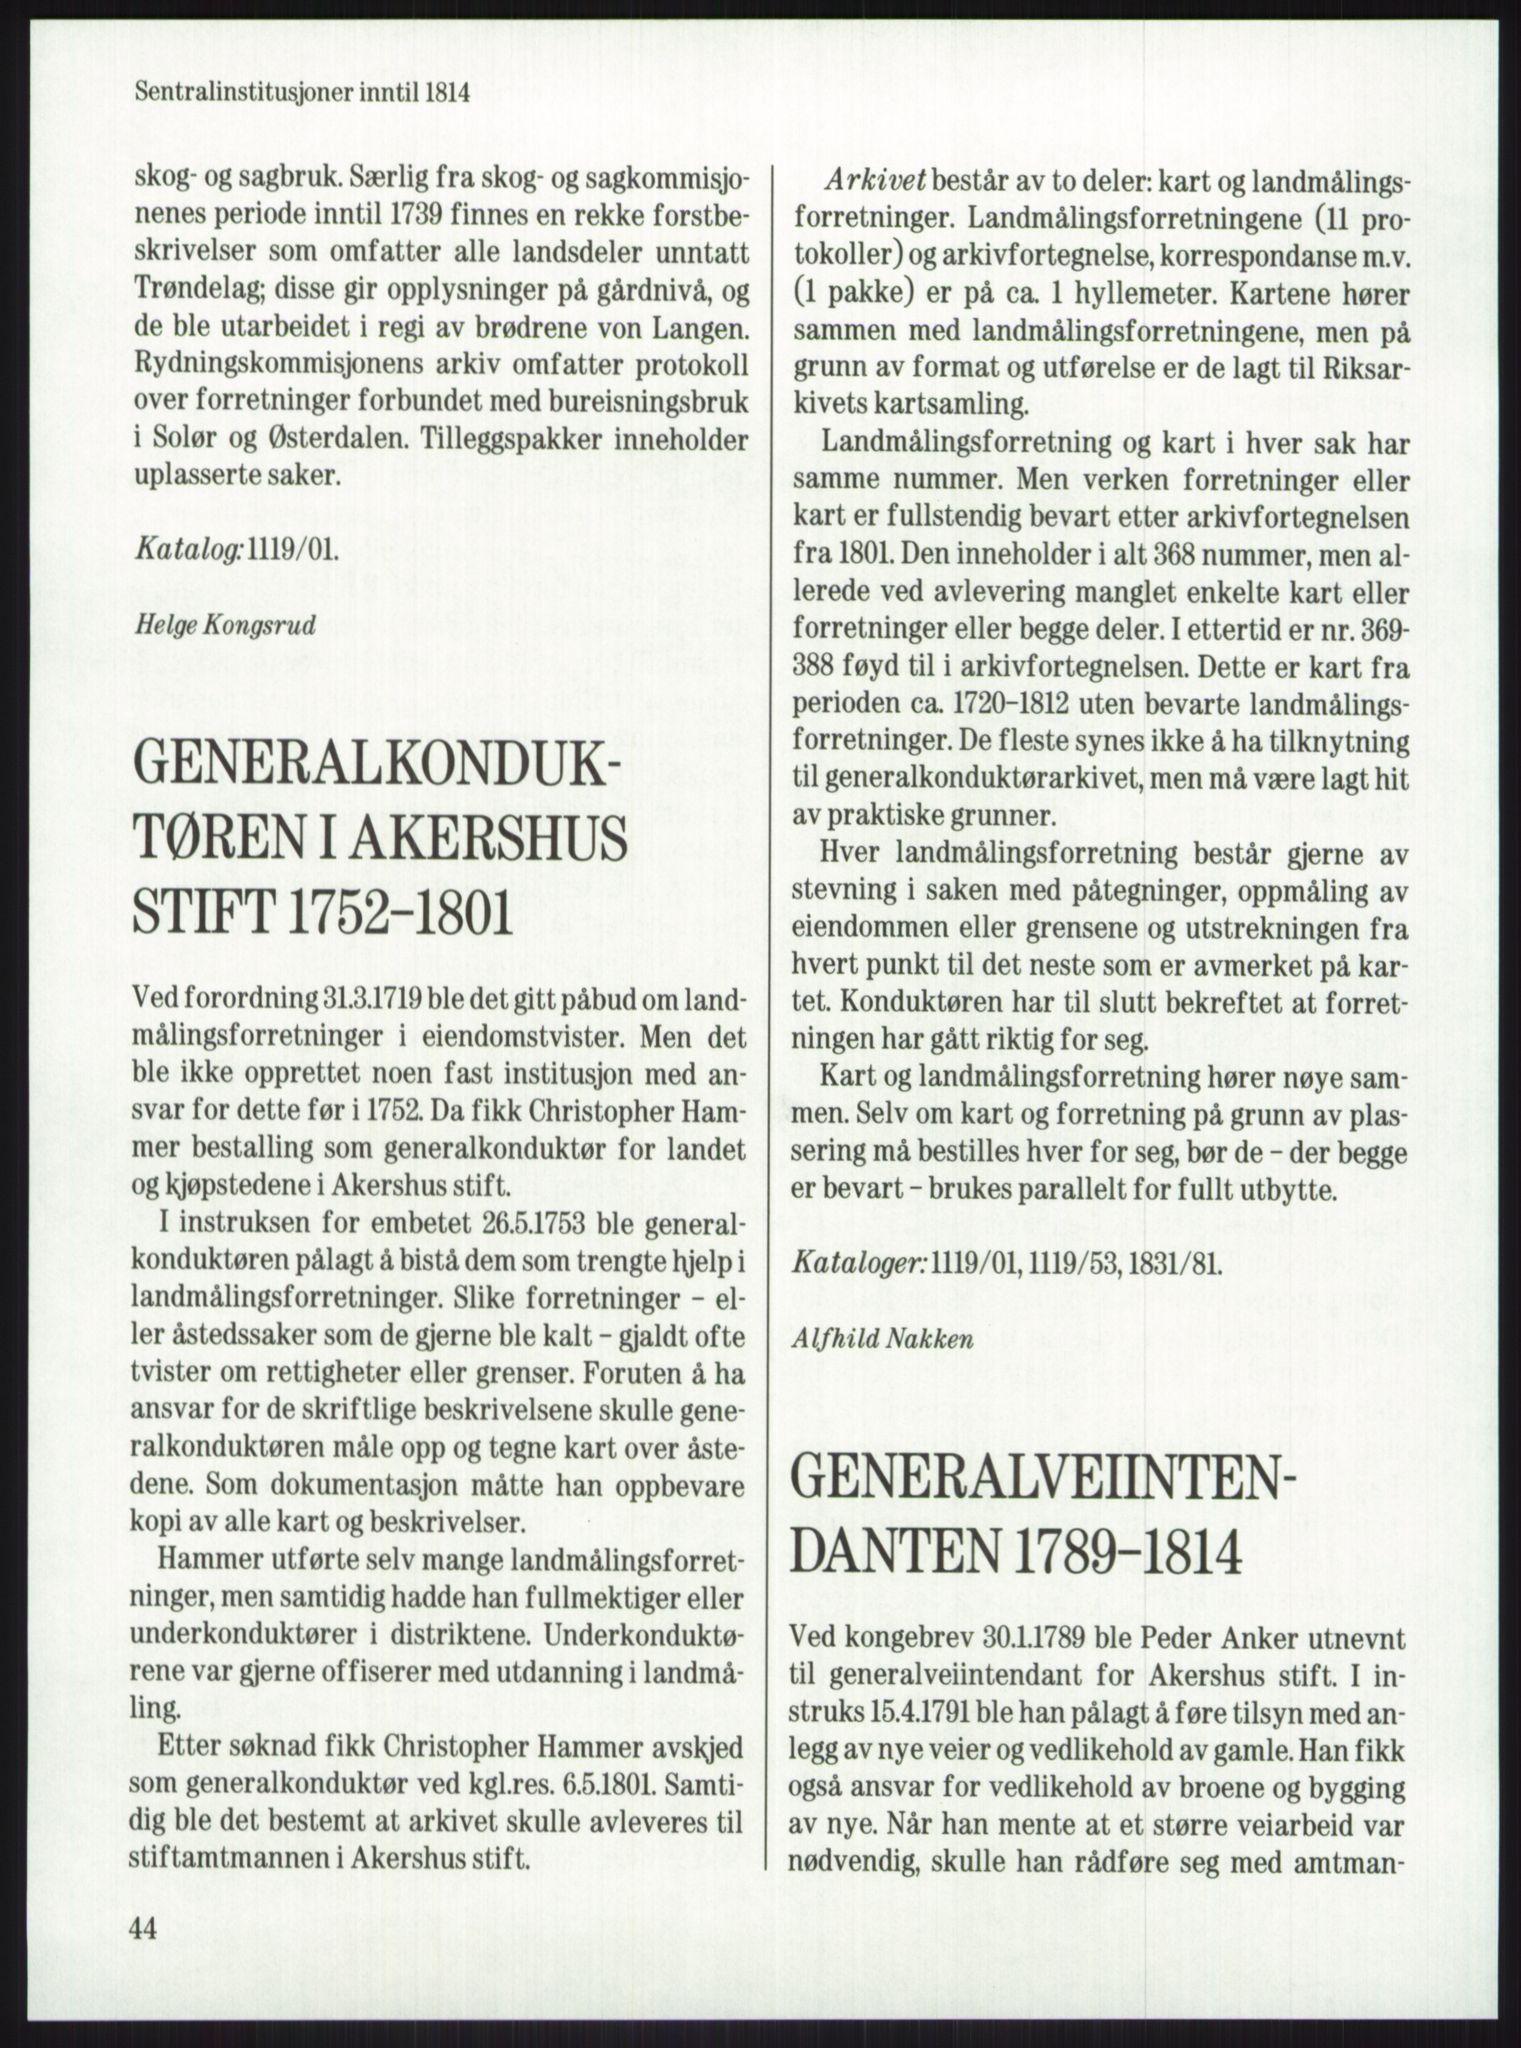 PUBL, Publikasjoner utgitt av Arkivverket, -/-: Knut Johannessen, Ole Kolsrud og Dag Mangset (red.): Håndbok for Riksarkivet (1992), s. 44